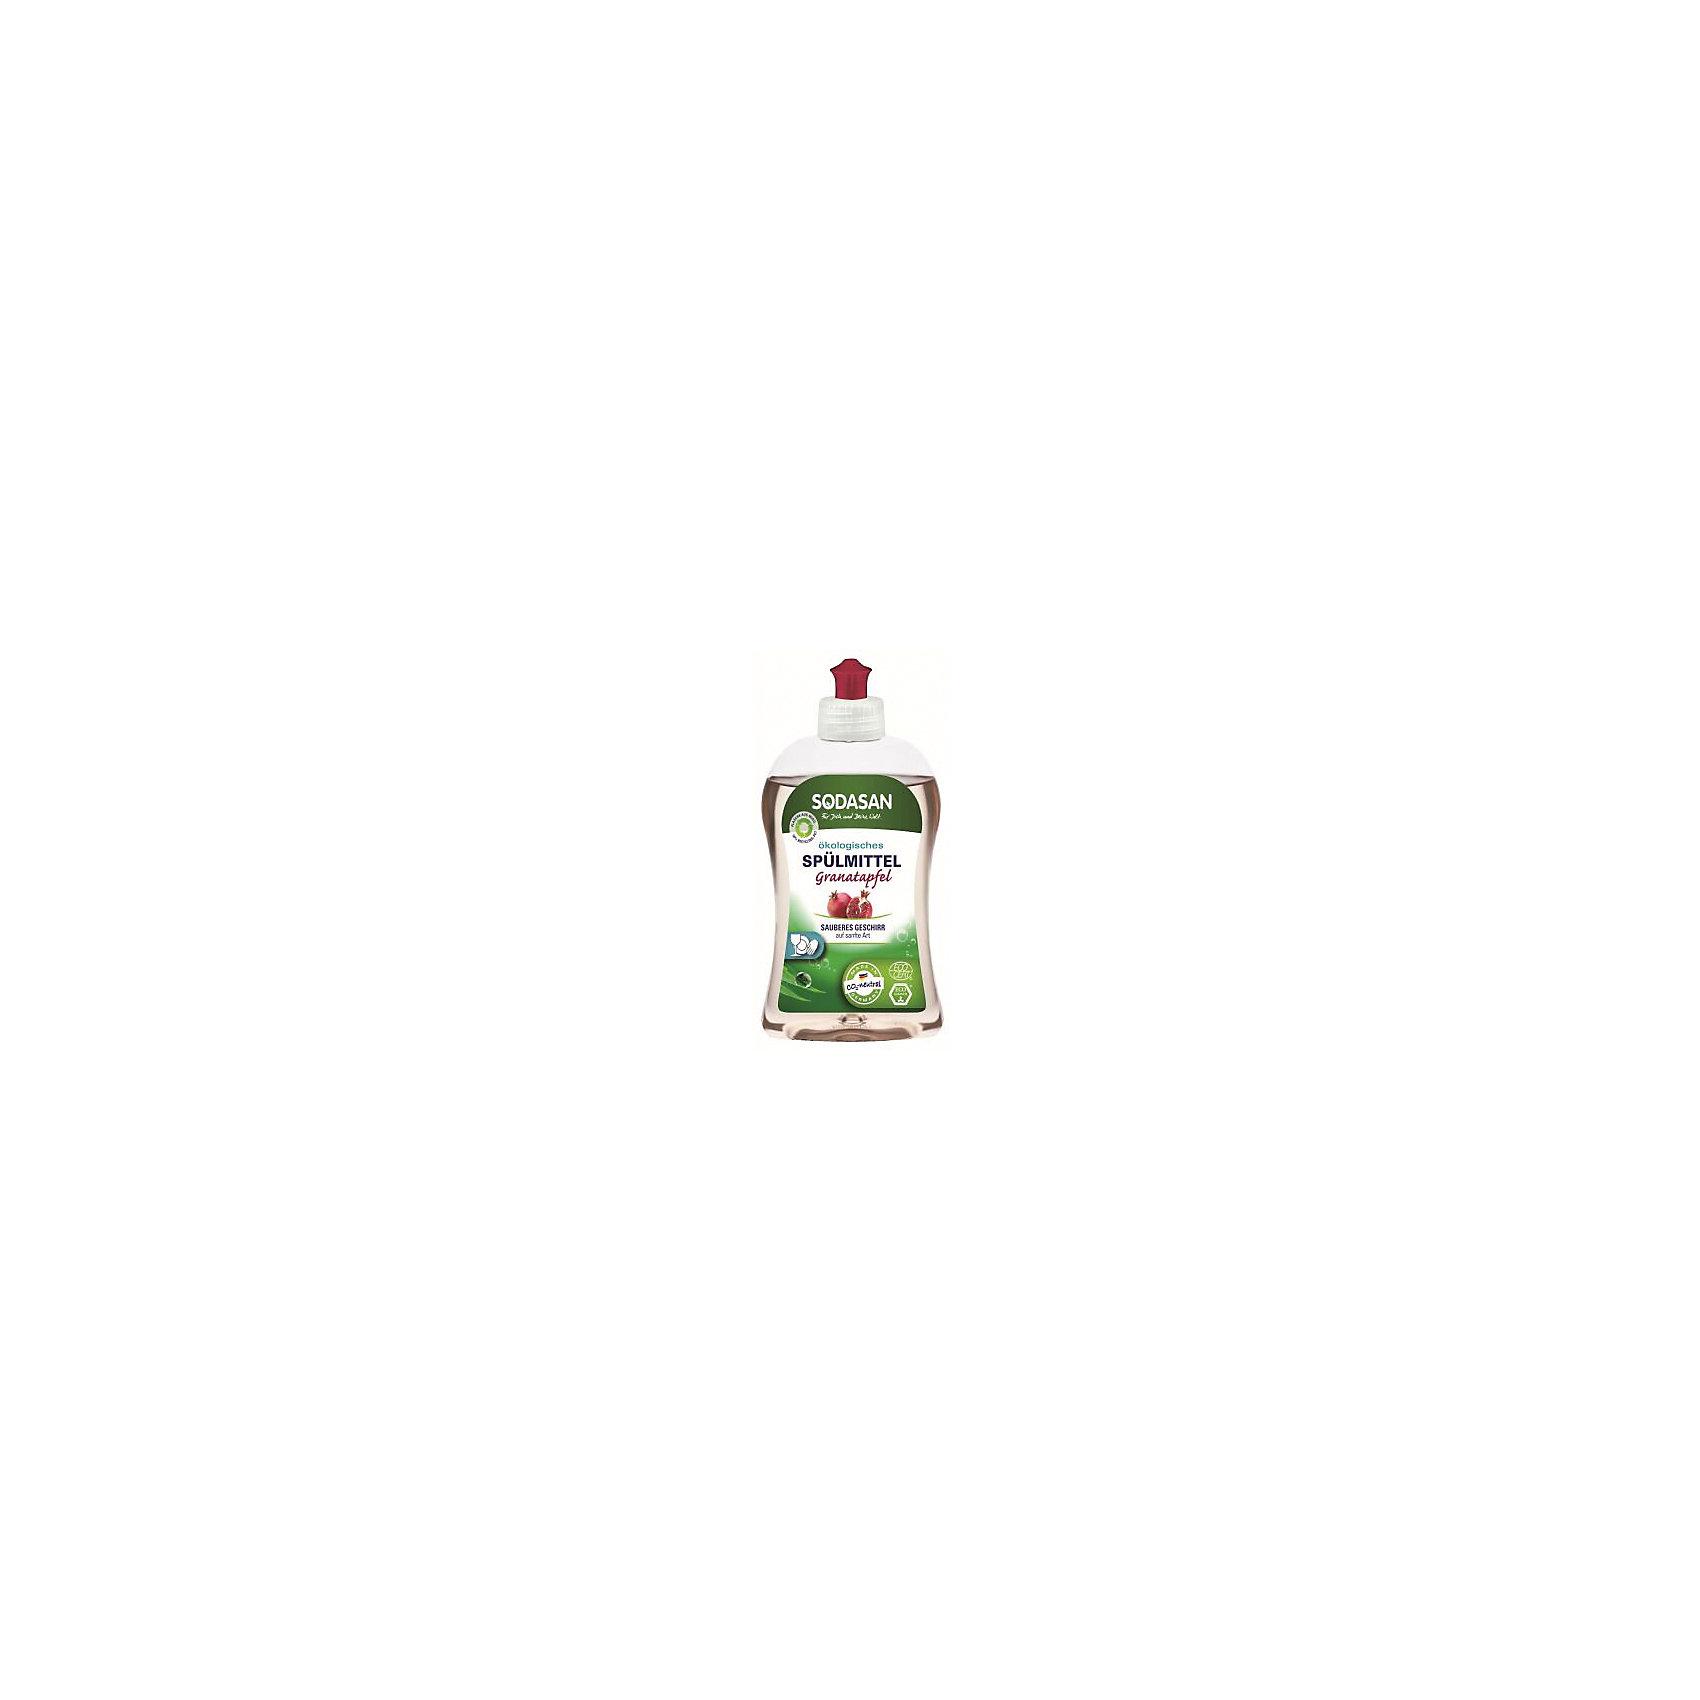 Средство для посуды с гранатом 500мл, SodasanБытовая химия<br>Качественно и безопасно моет посуду без лишних усилий! <br>Быстро удаляет загрязнения и жир! <br>Придаёт посуде блеск и не оставляет разводов. <br>В состав входят только безопасные растительные ингредиенты органического происхождения. <br>Специальная формула с гранатом защищает ваши руки от пересыхания и делает их мягкими на ощупь.  <br>Экономично в использовании!<br>Концентрированное жидкое средство для мытья посуды Гранат Sodasan качественно моет посуду, эффективно удаляет загрязнения и жир. <br>Не оставляет разводов после высыхания и придает ослепительный блеск. В состав средства входят отборные ингредиенты растительного происхождения, поэтому оно абсолютно безопасно для здоровья всех членов семьи! <br>Органический уксус в сочетании с натуральными ПАВ сахара без особых усилий справляются с самыми сложными загрязнениями. Эфирное гранатовое масло защищает руки от пересыхания, предупреждает шелушение кожи и придает ей удивительную гладкость. <br>Концентрированное средство Sodasan медленно расходуется и экономично в использовании!<br><br>Ширина мм: 250<br>Глубина мм: 100<br>Высота мм: 250<br>Вес г: 500<br>Возраст от месяцев: 216<br>Возраст до месяцев: 1188<br>Пол: Унисекс<br>Возраст: Детский<br>SKU: 5407620